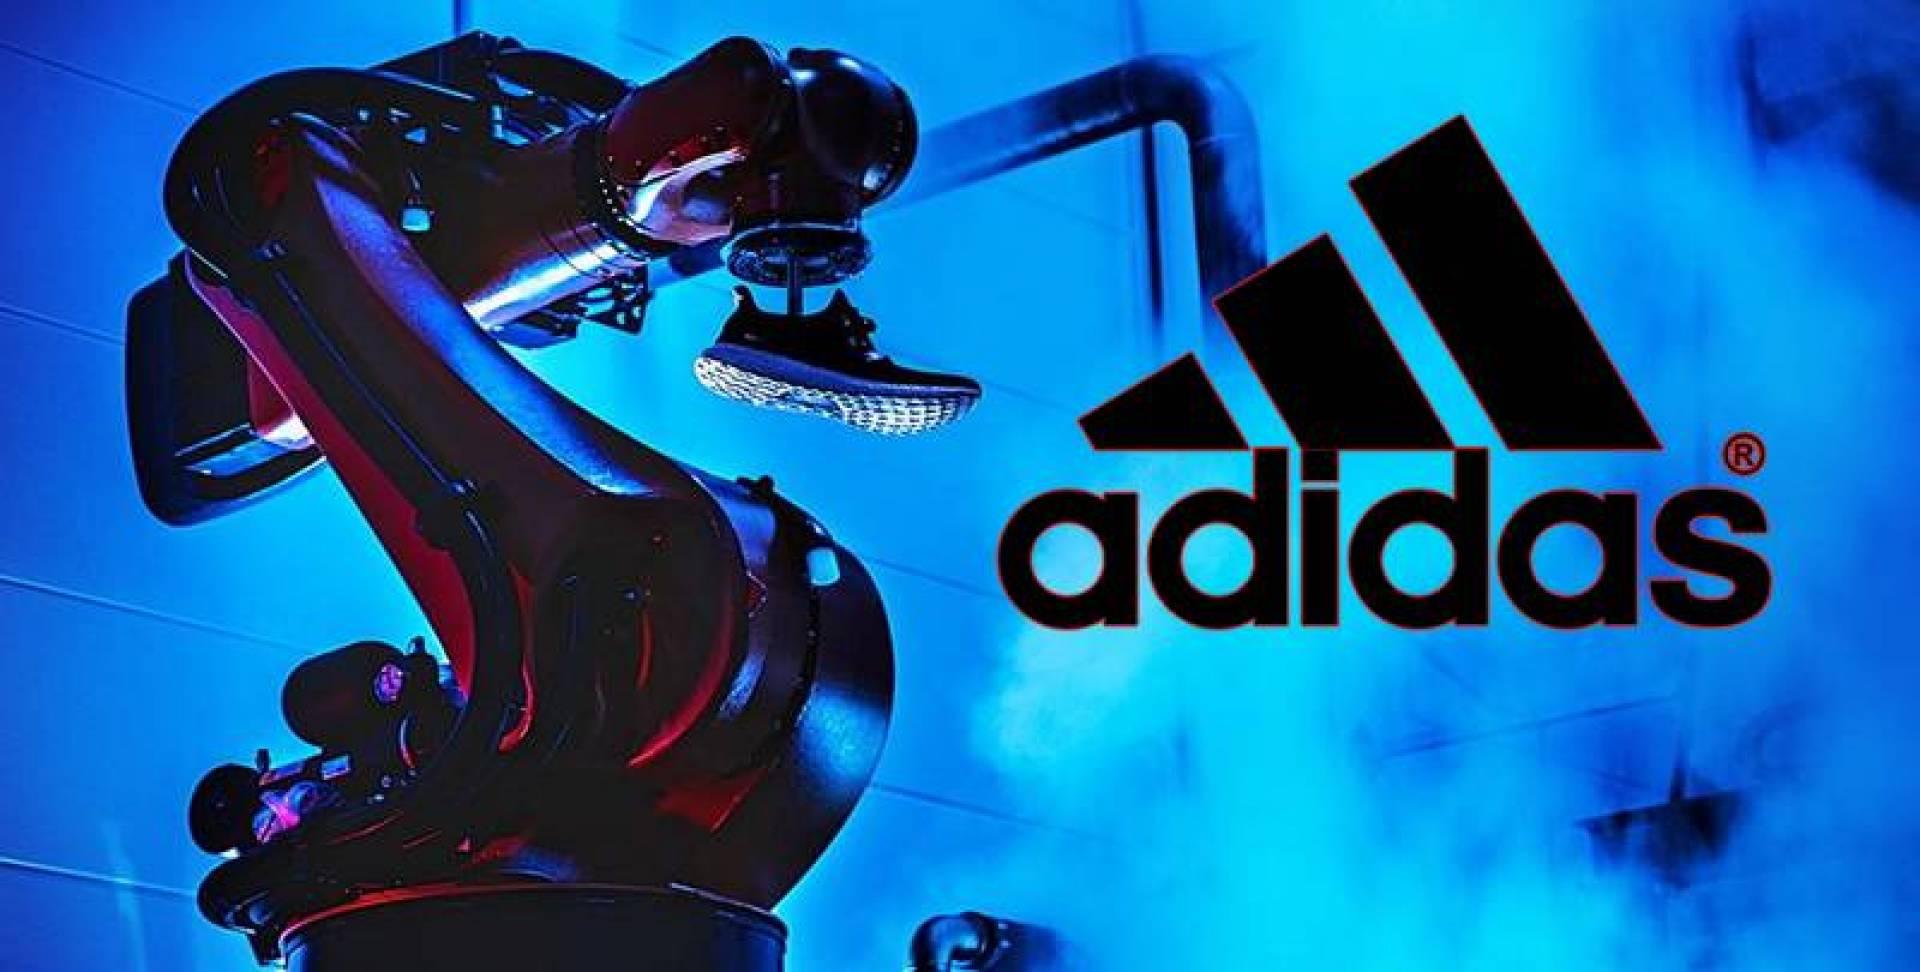 «adidas» تنقل مصانعها «الروبوتية» إلى آسيا